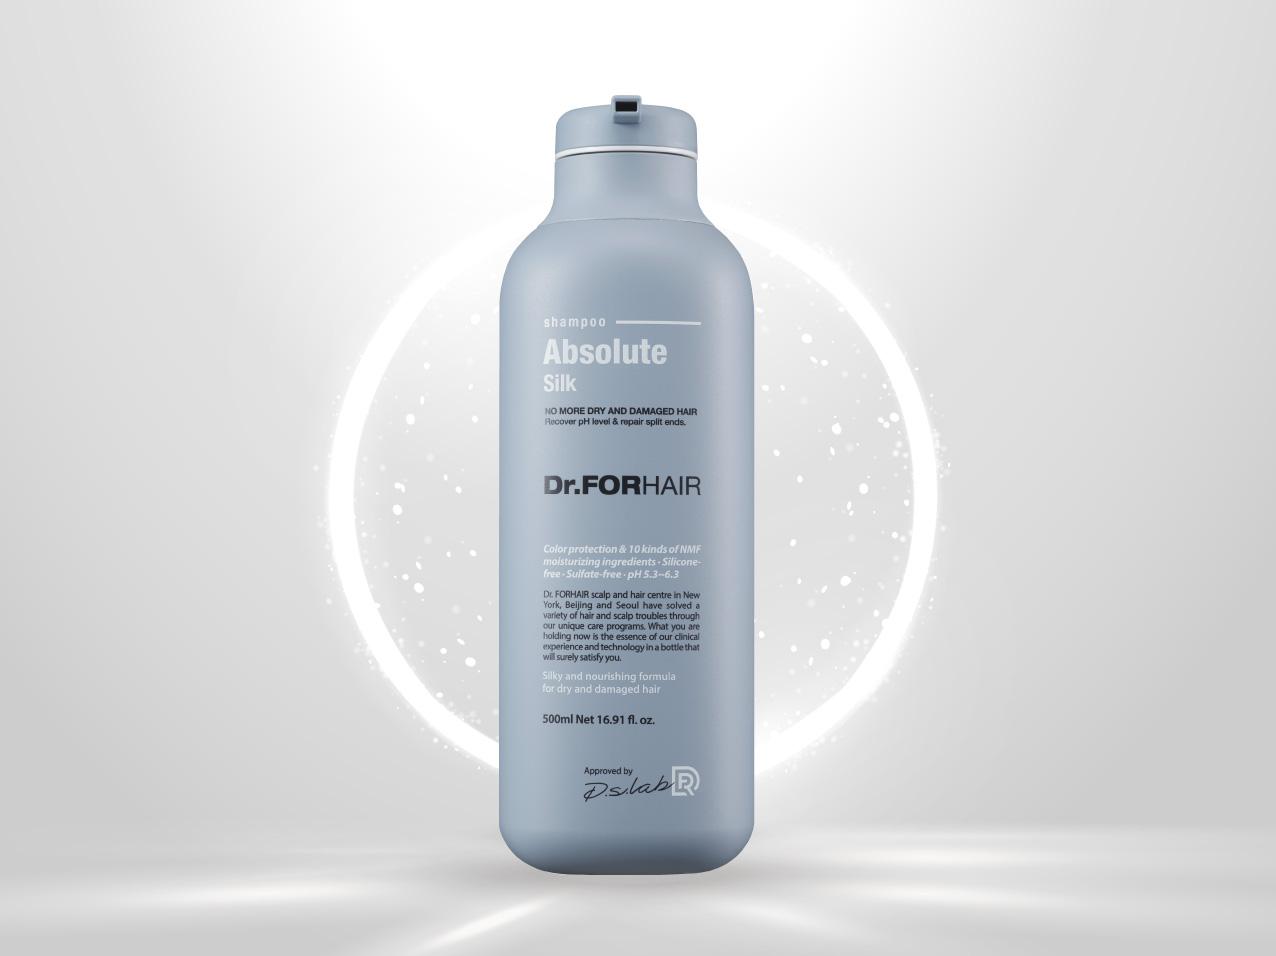 Dầu xả nuôi dưỡng và chăm sóc tóc khô và hư tổn Dr. FORHAIR ABSOLUTE SILK TREATMENT